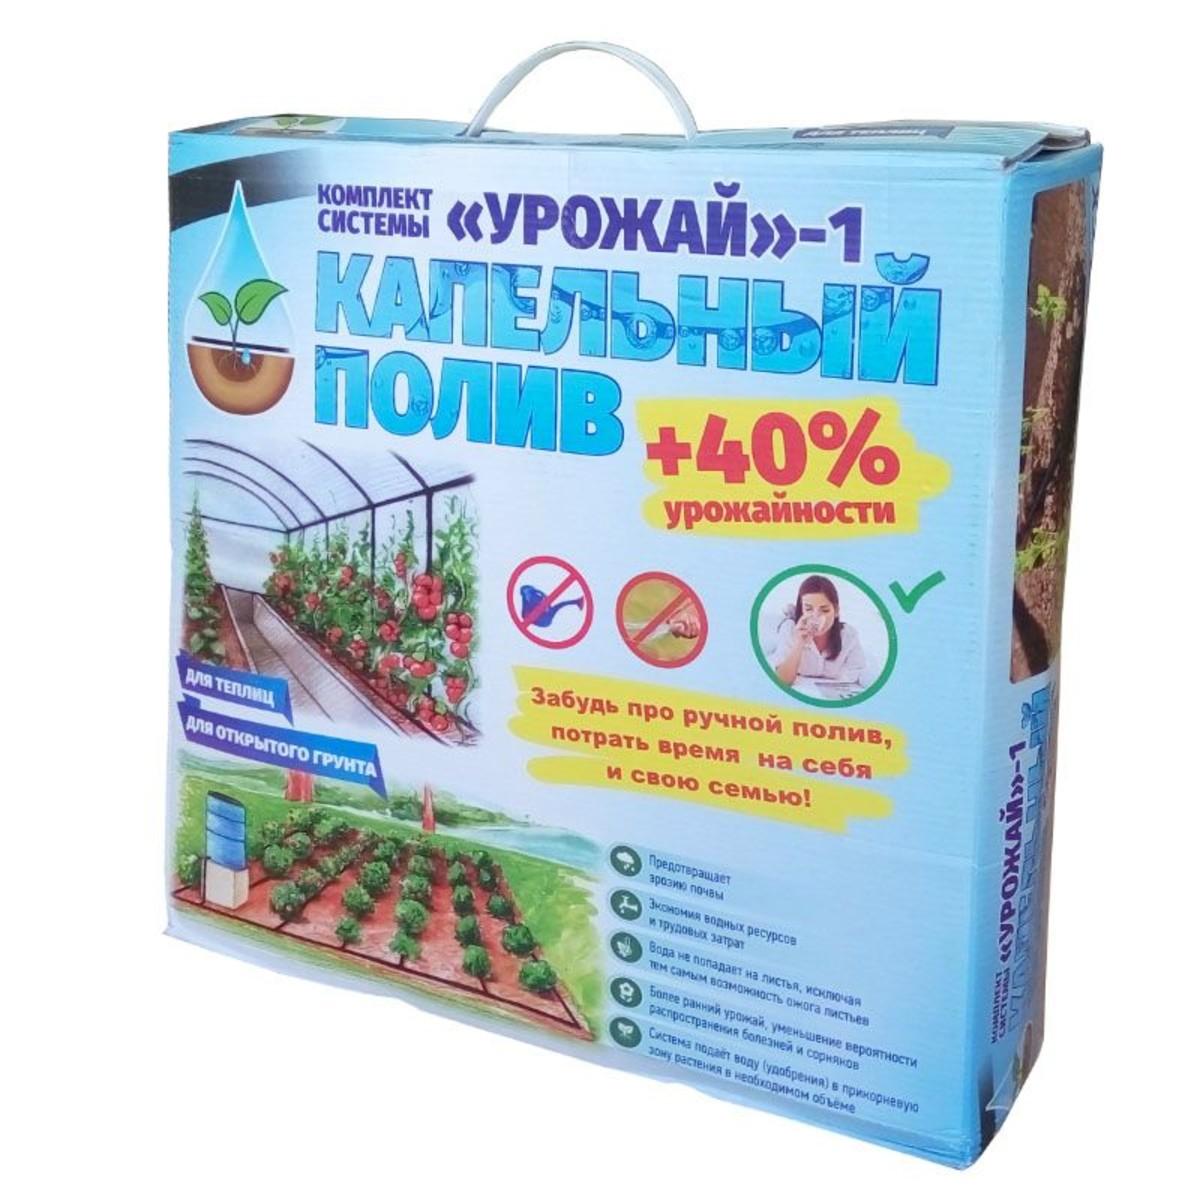 Комплект для капельного полива «Урожай-1»